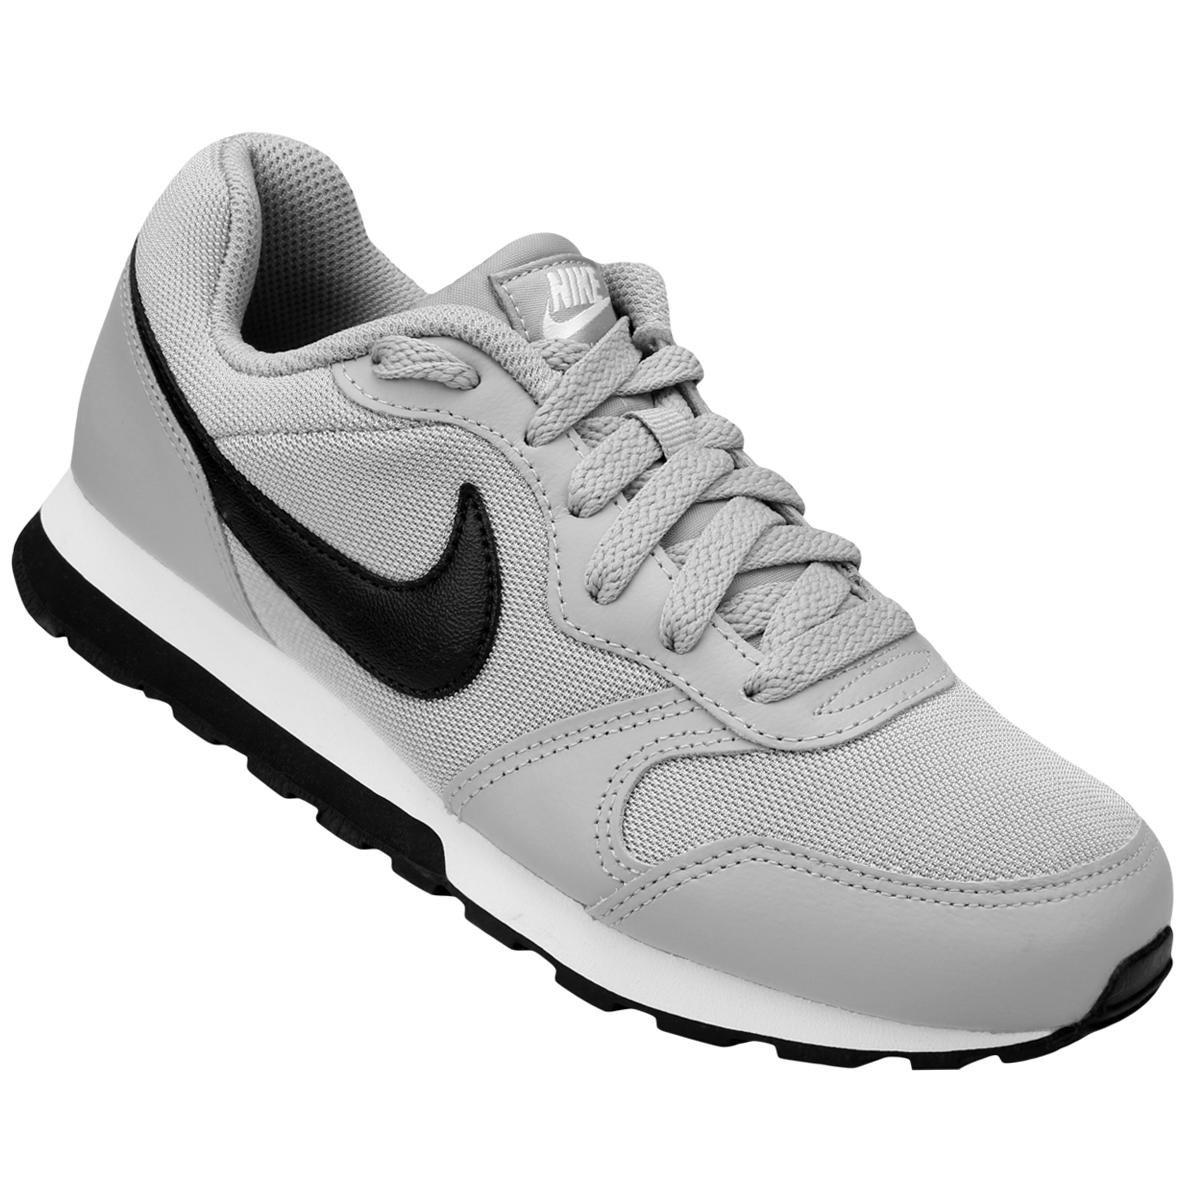 Tênis Infantil Nike Md Runner 2 - Cinza e Preto - Compre Agora ... 4448d2bca8081